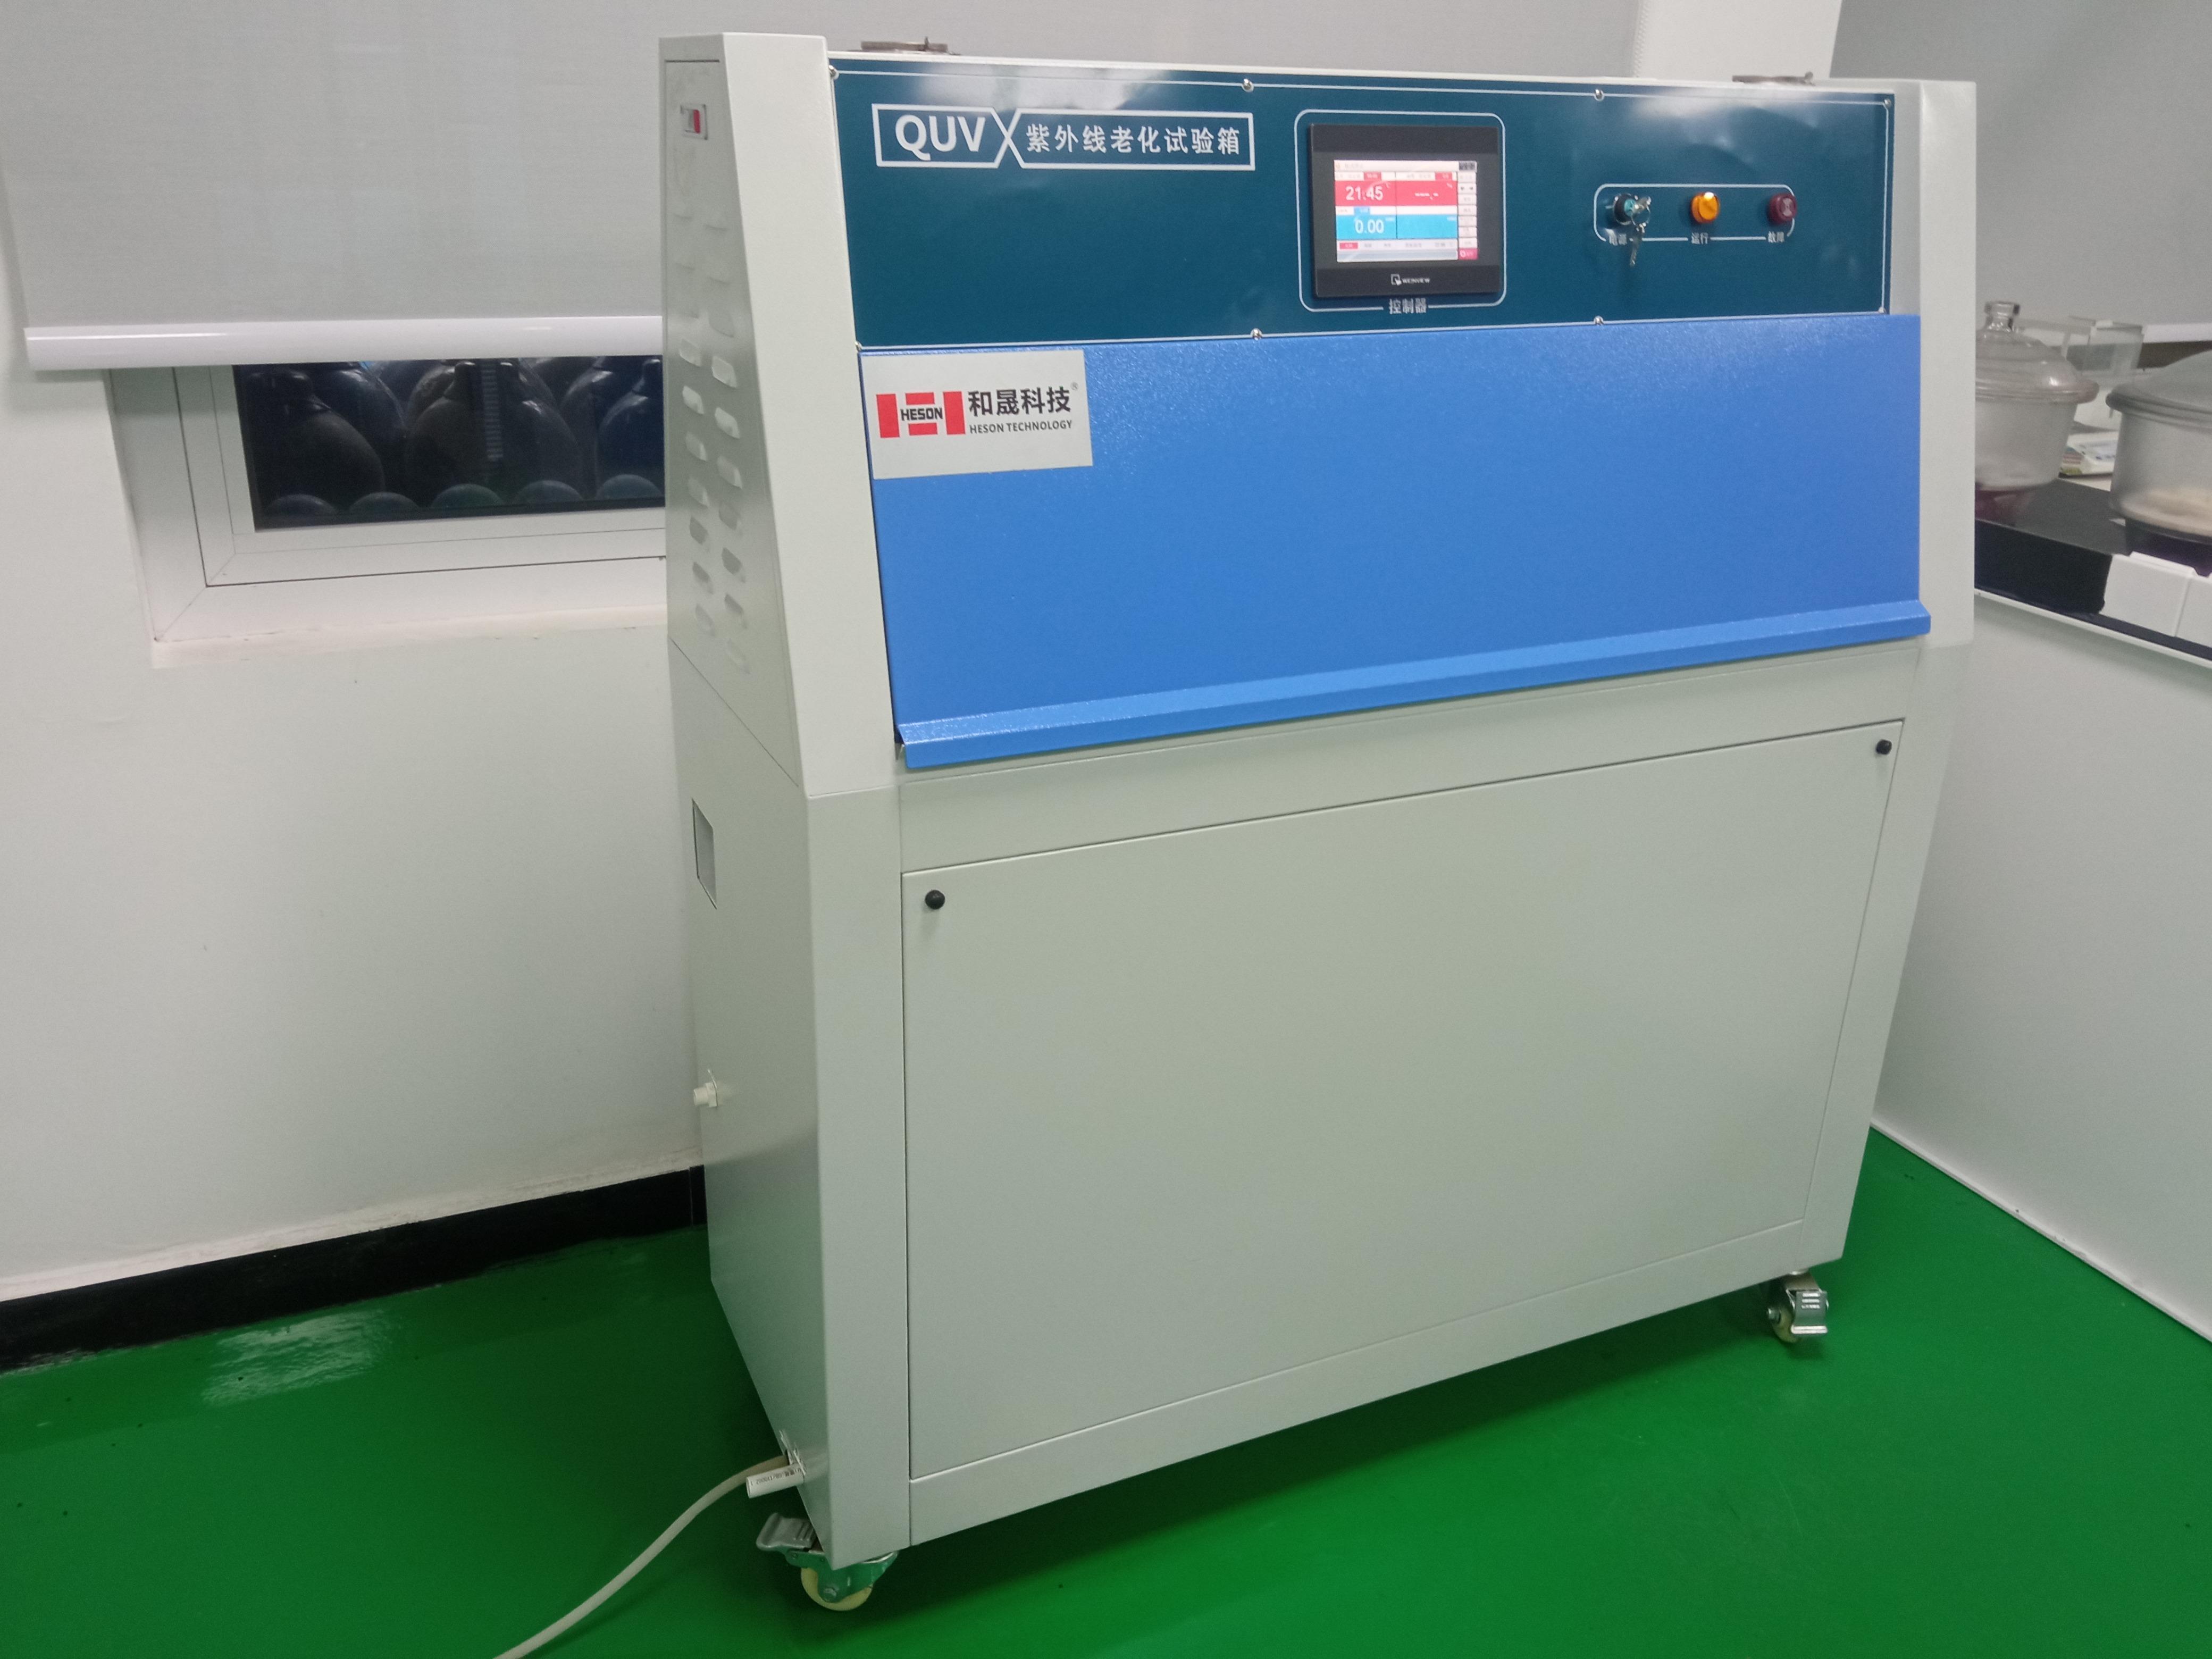 和晟仪器QUV紫外老化试验箱